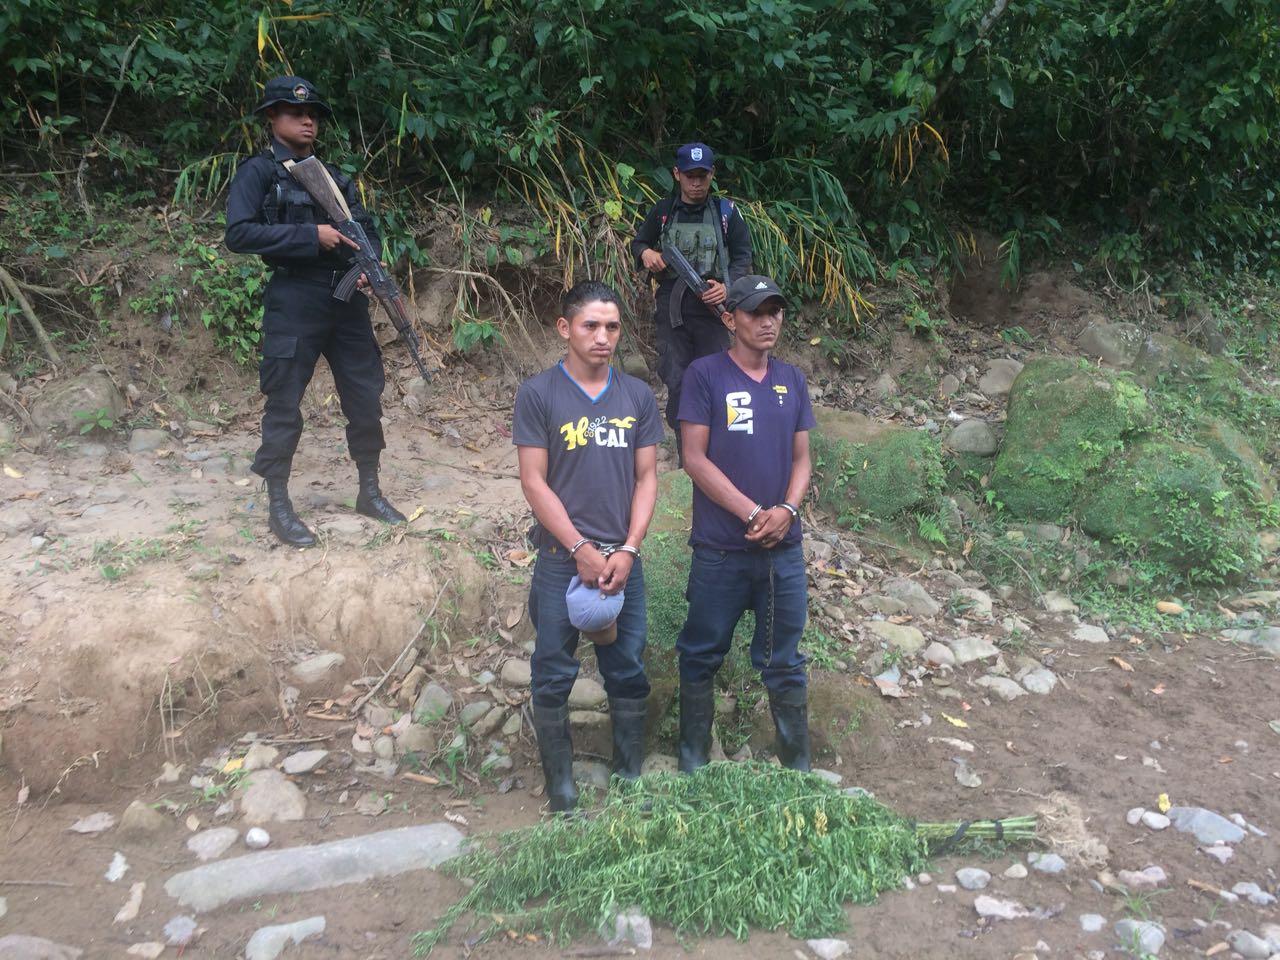 Uno de los detenidos estaba circulado por el delito de homicidio en el municipio Quilaly, departamento de Jinotega.